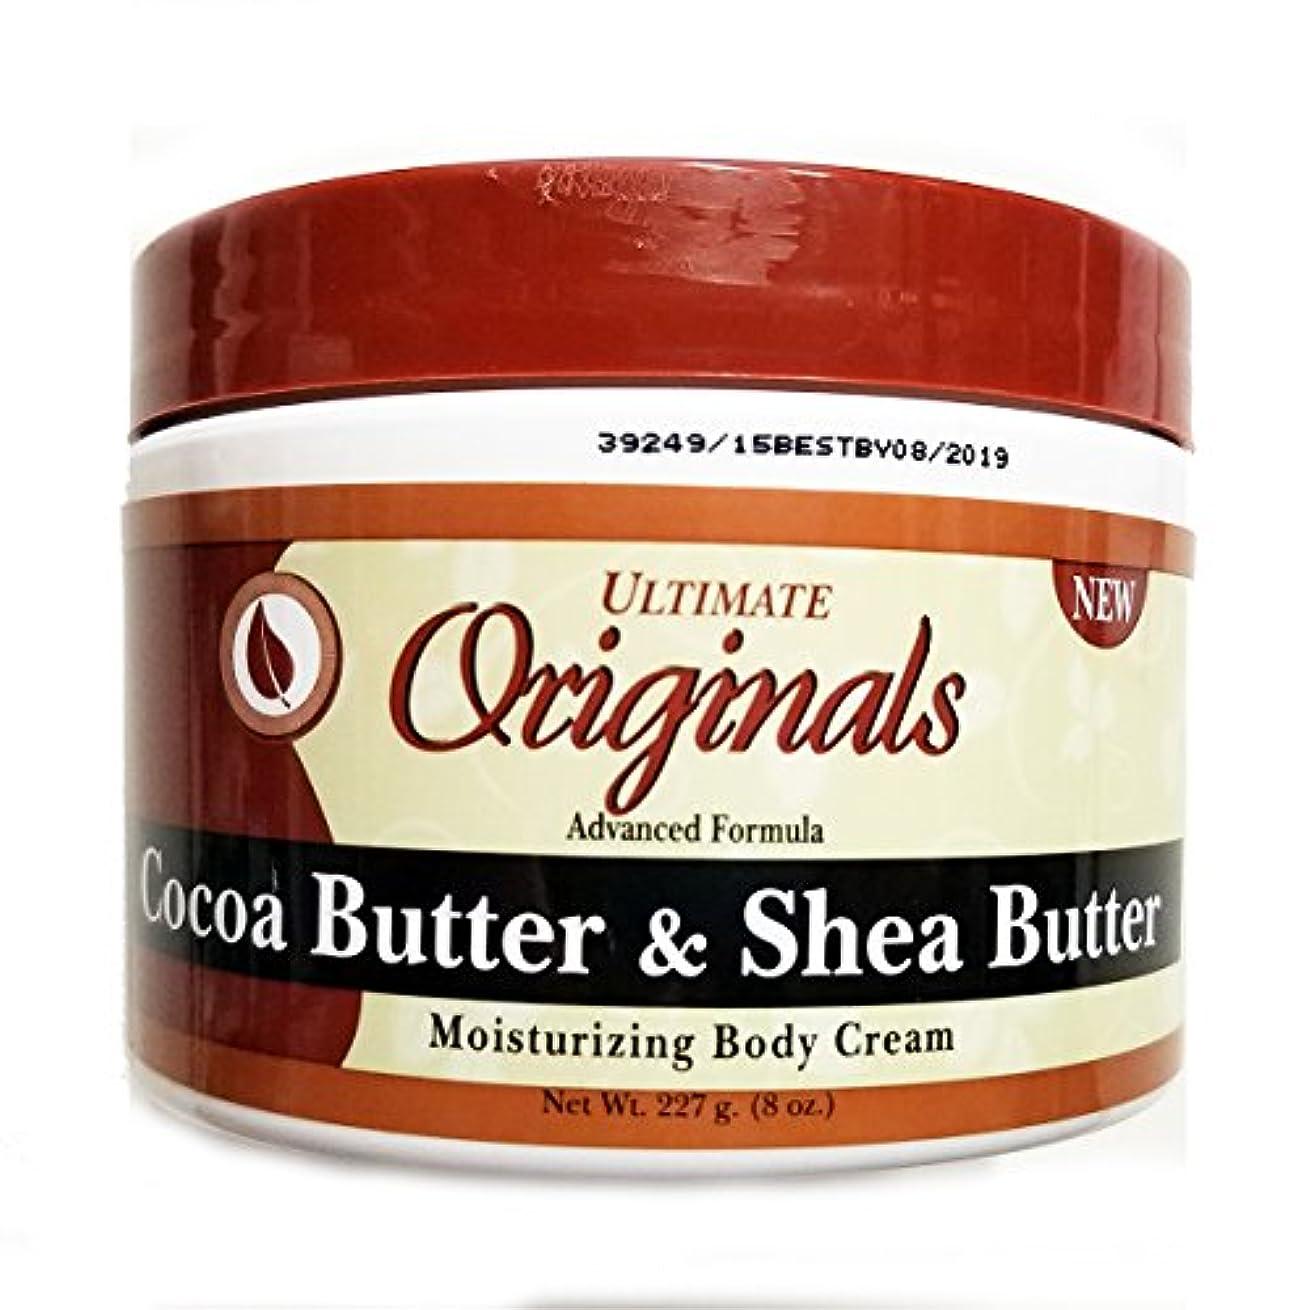 誘惑新着重力Ultimate Organics Cocoa Butter & Shea Butter Body Cream 235 ml (並行輸入品)